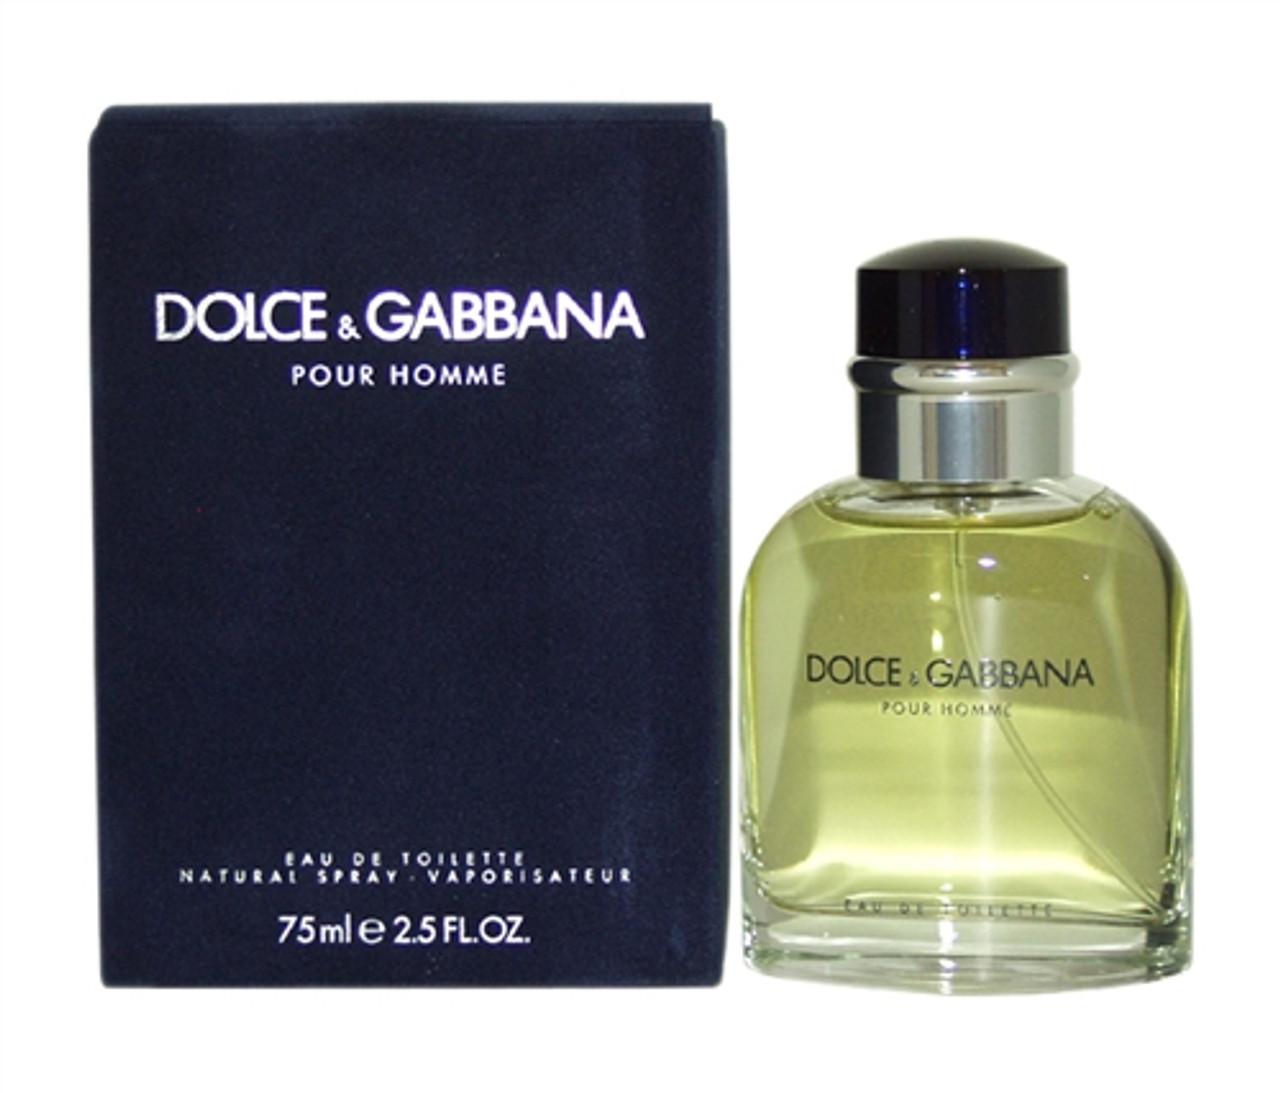 Dolce & Gabbana Eau de Toilette